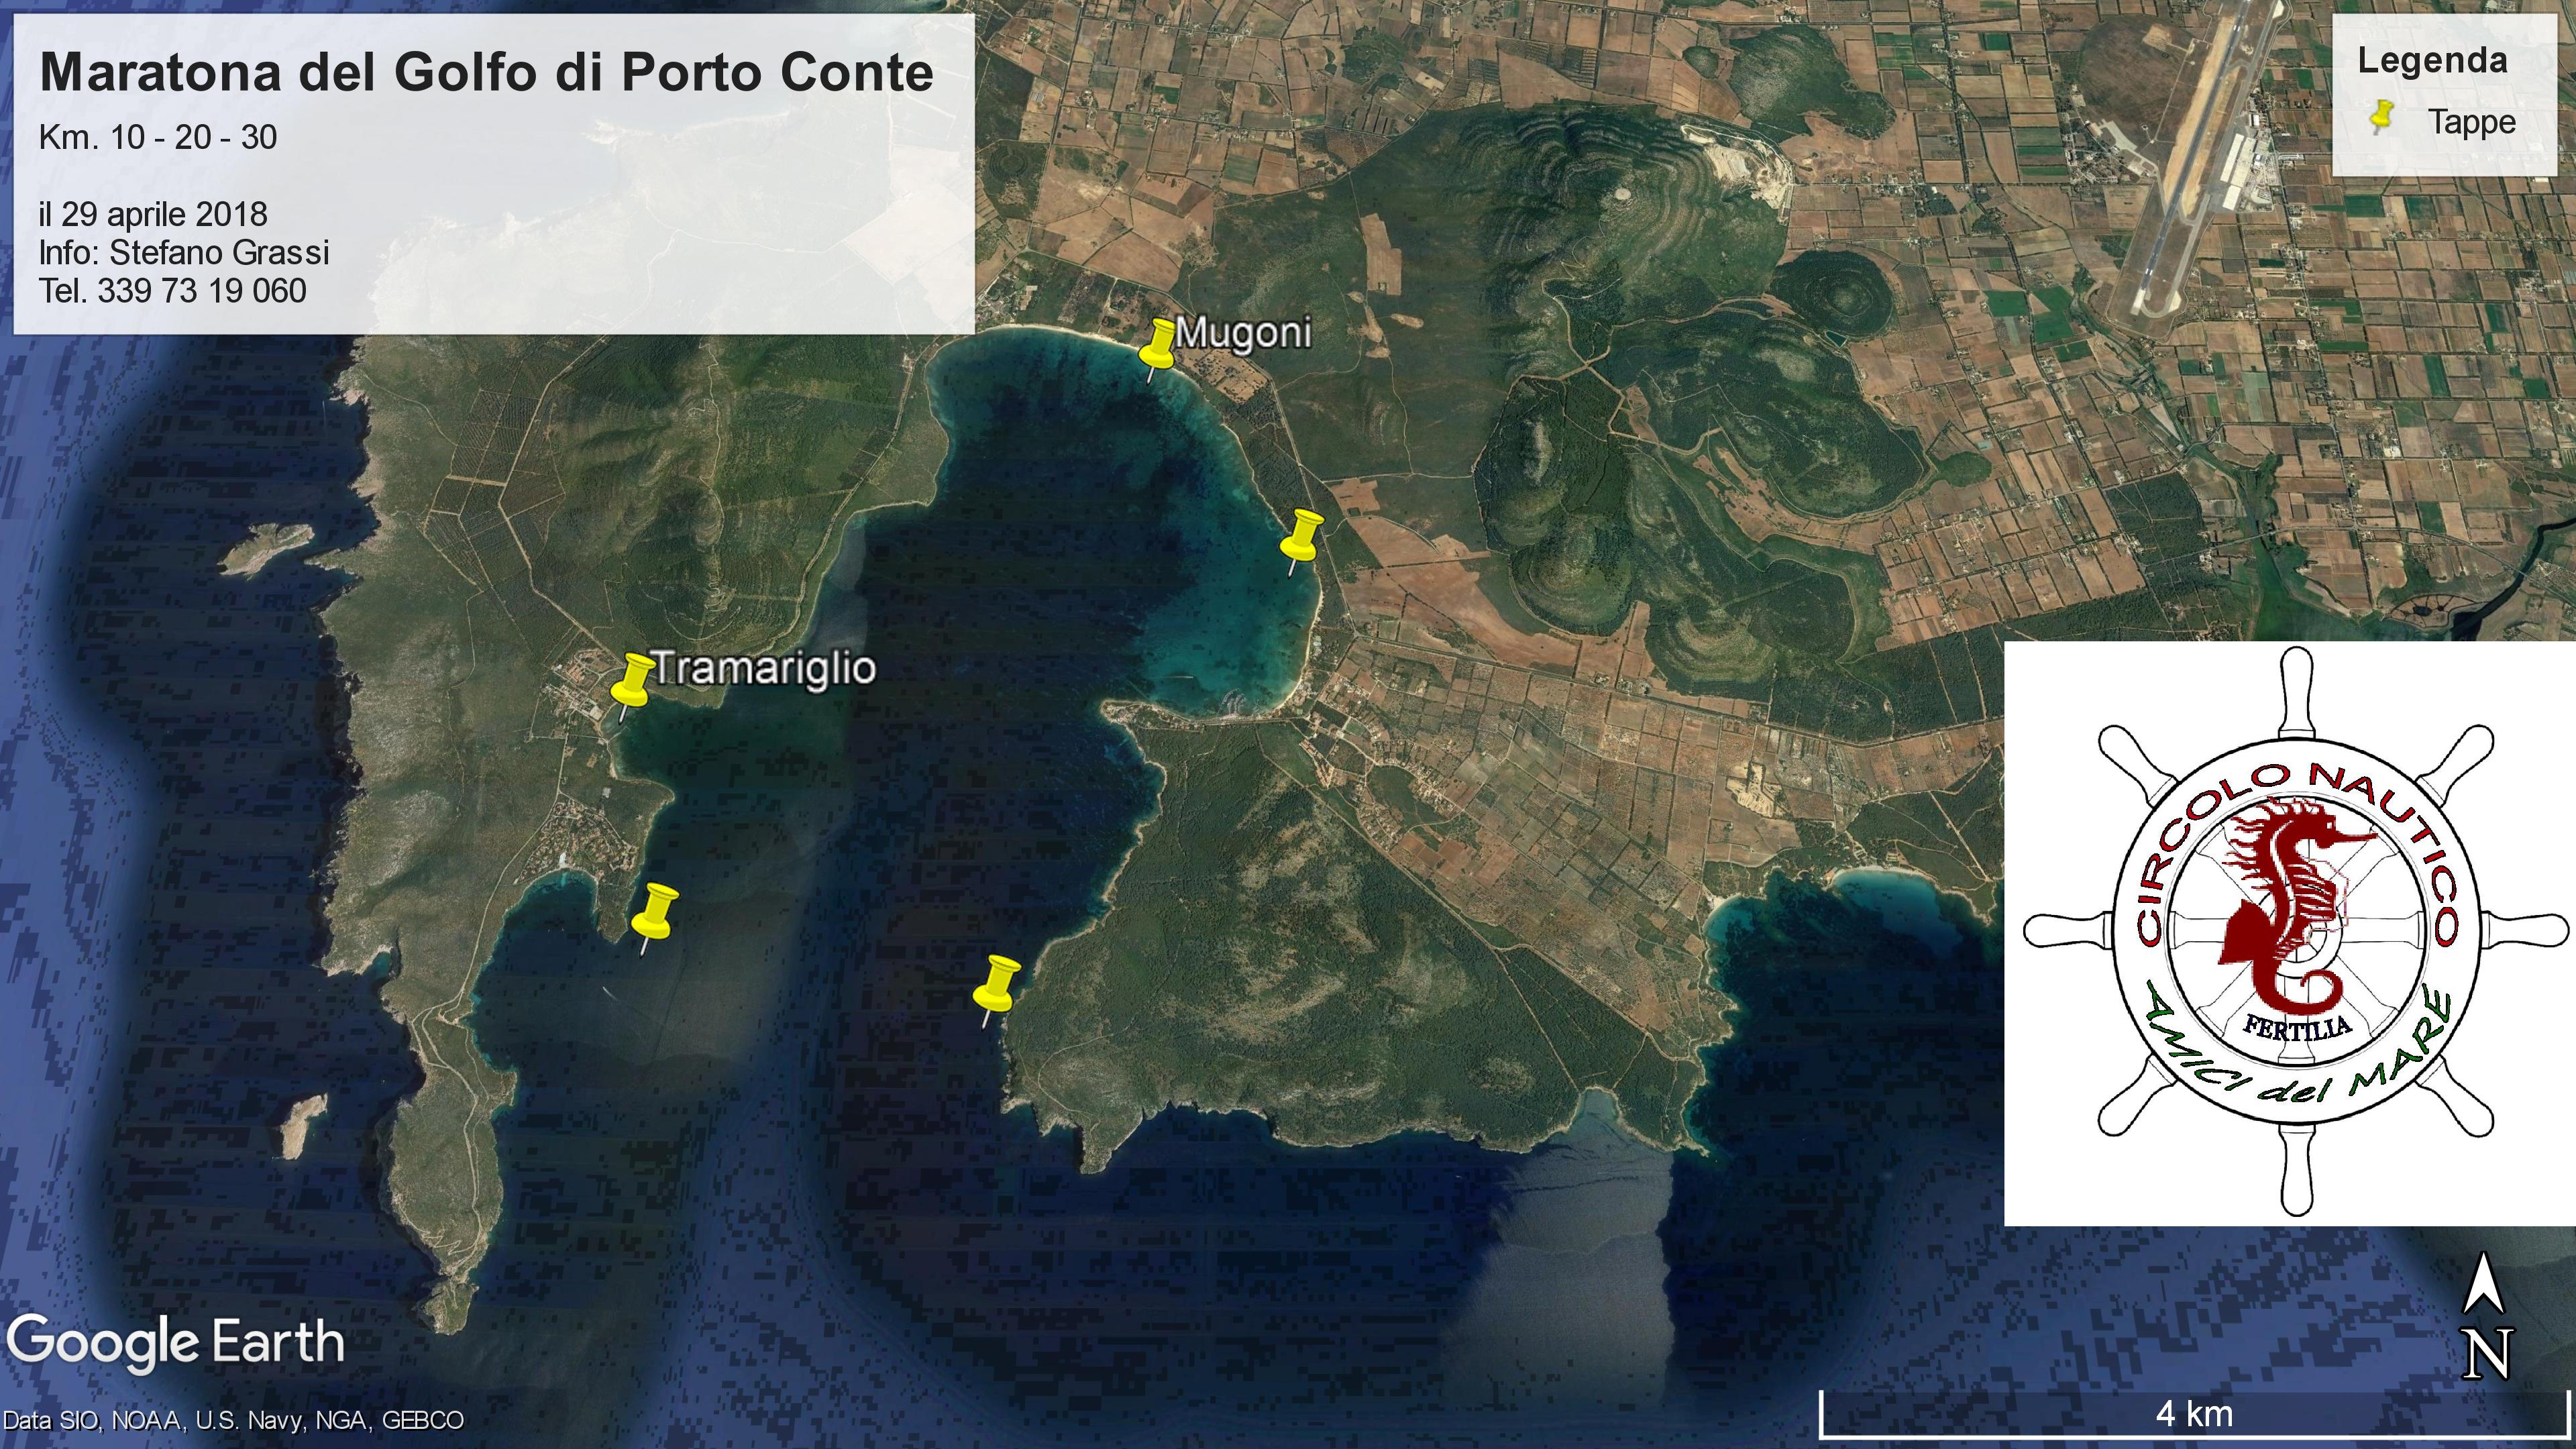 Maratona del Golfo di Porto Conte